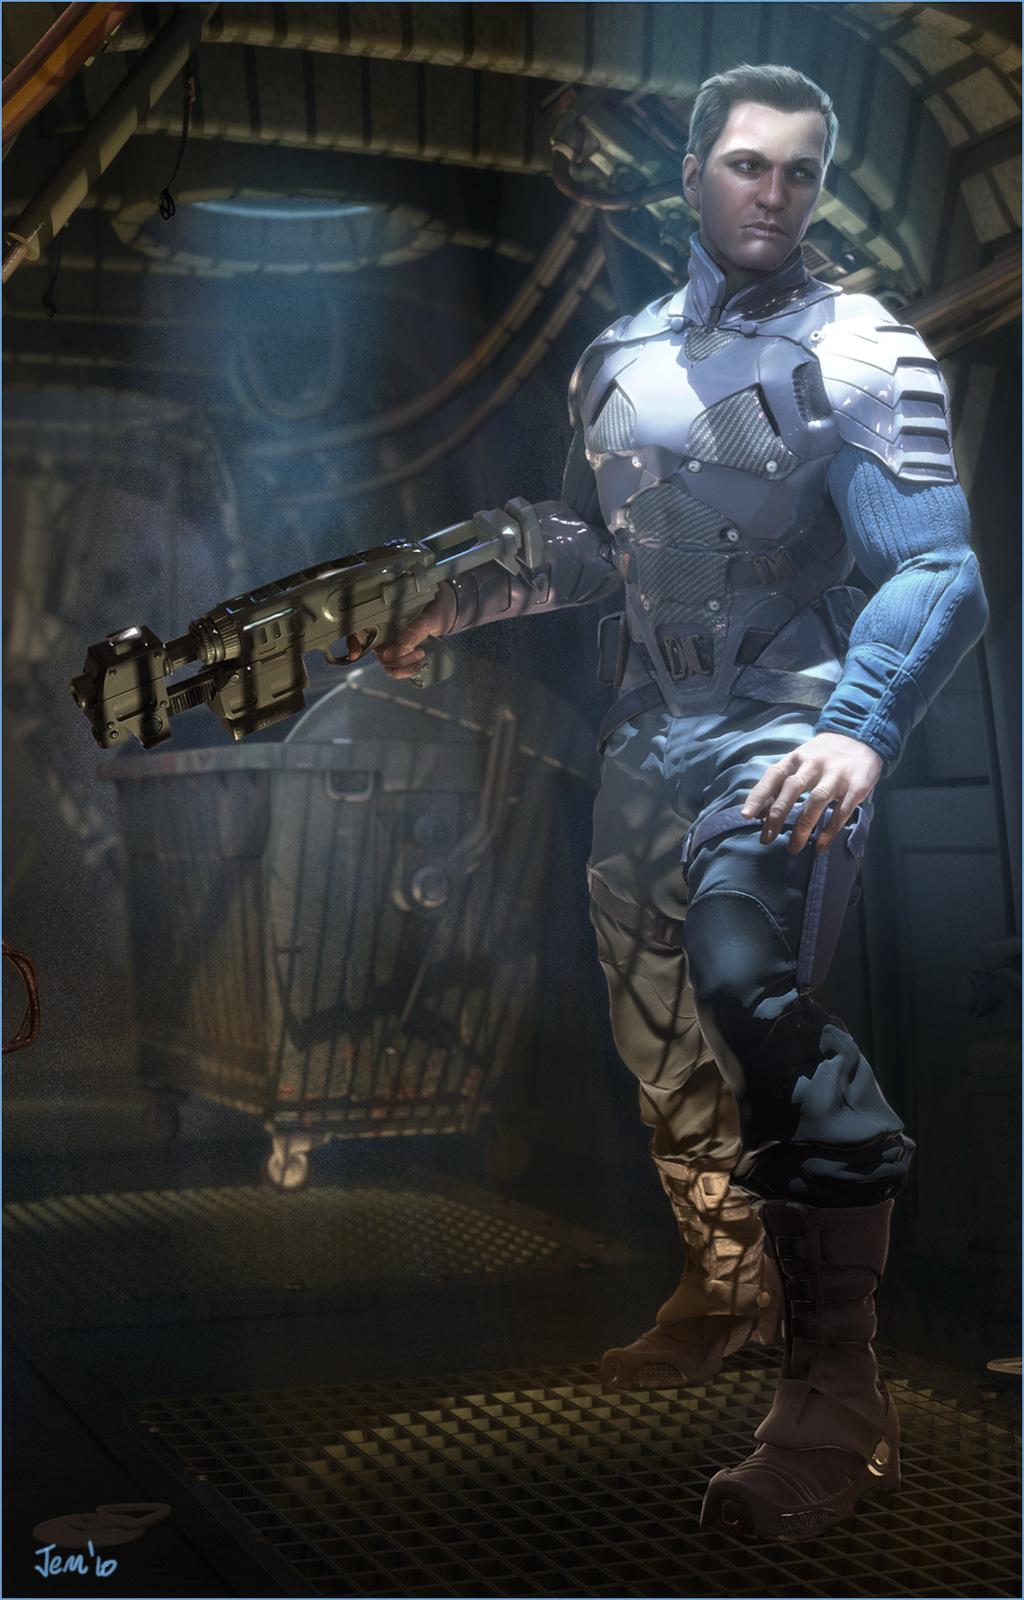 Jempix space soldier 1 51974d88 takl